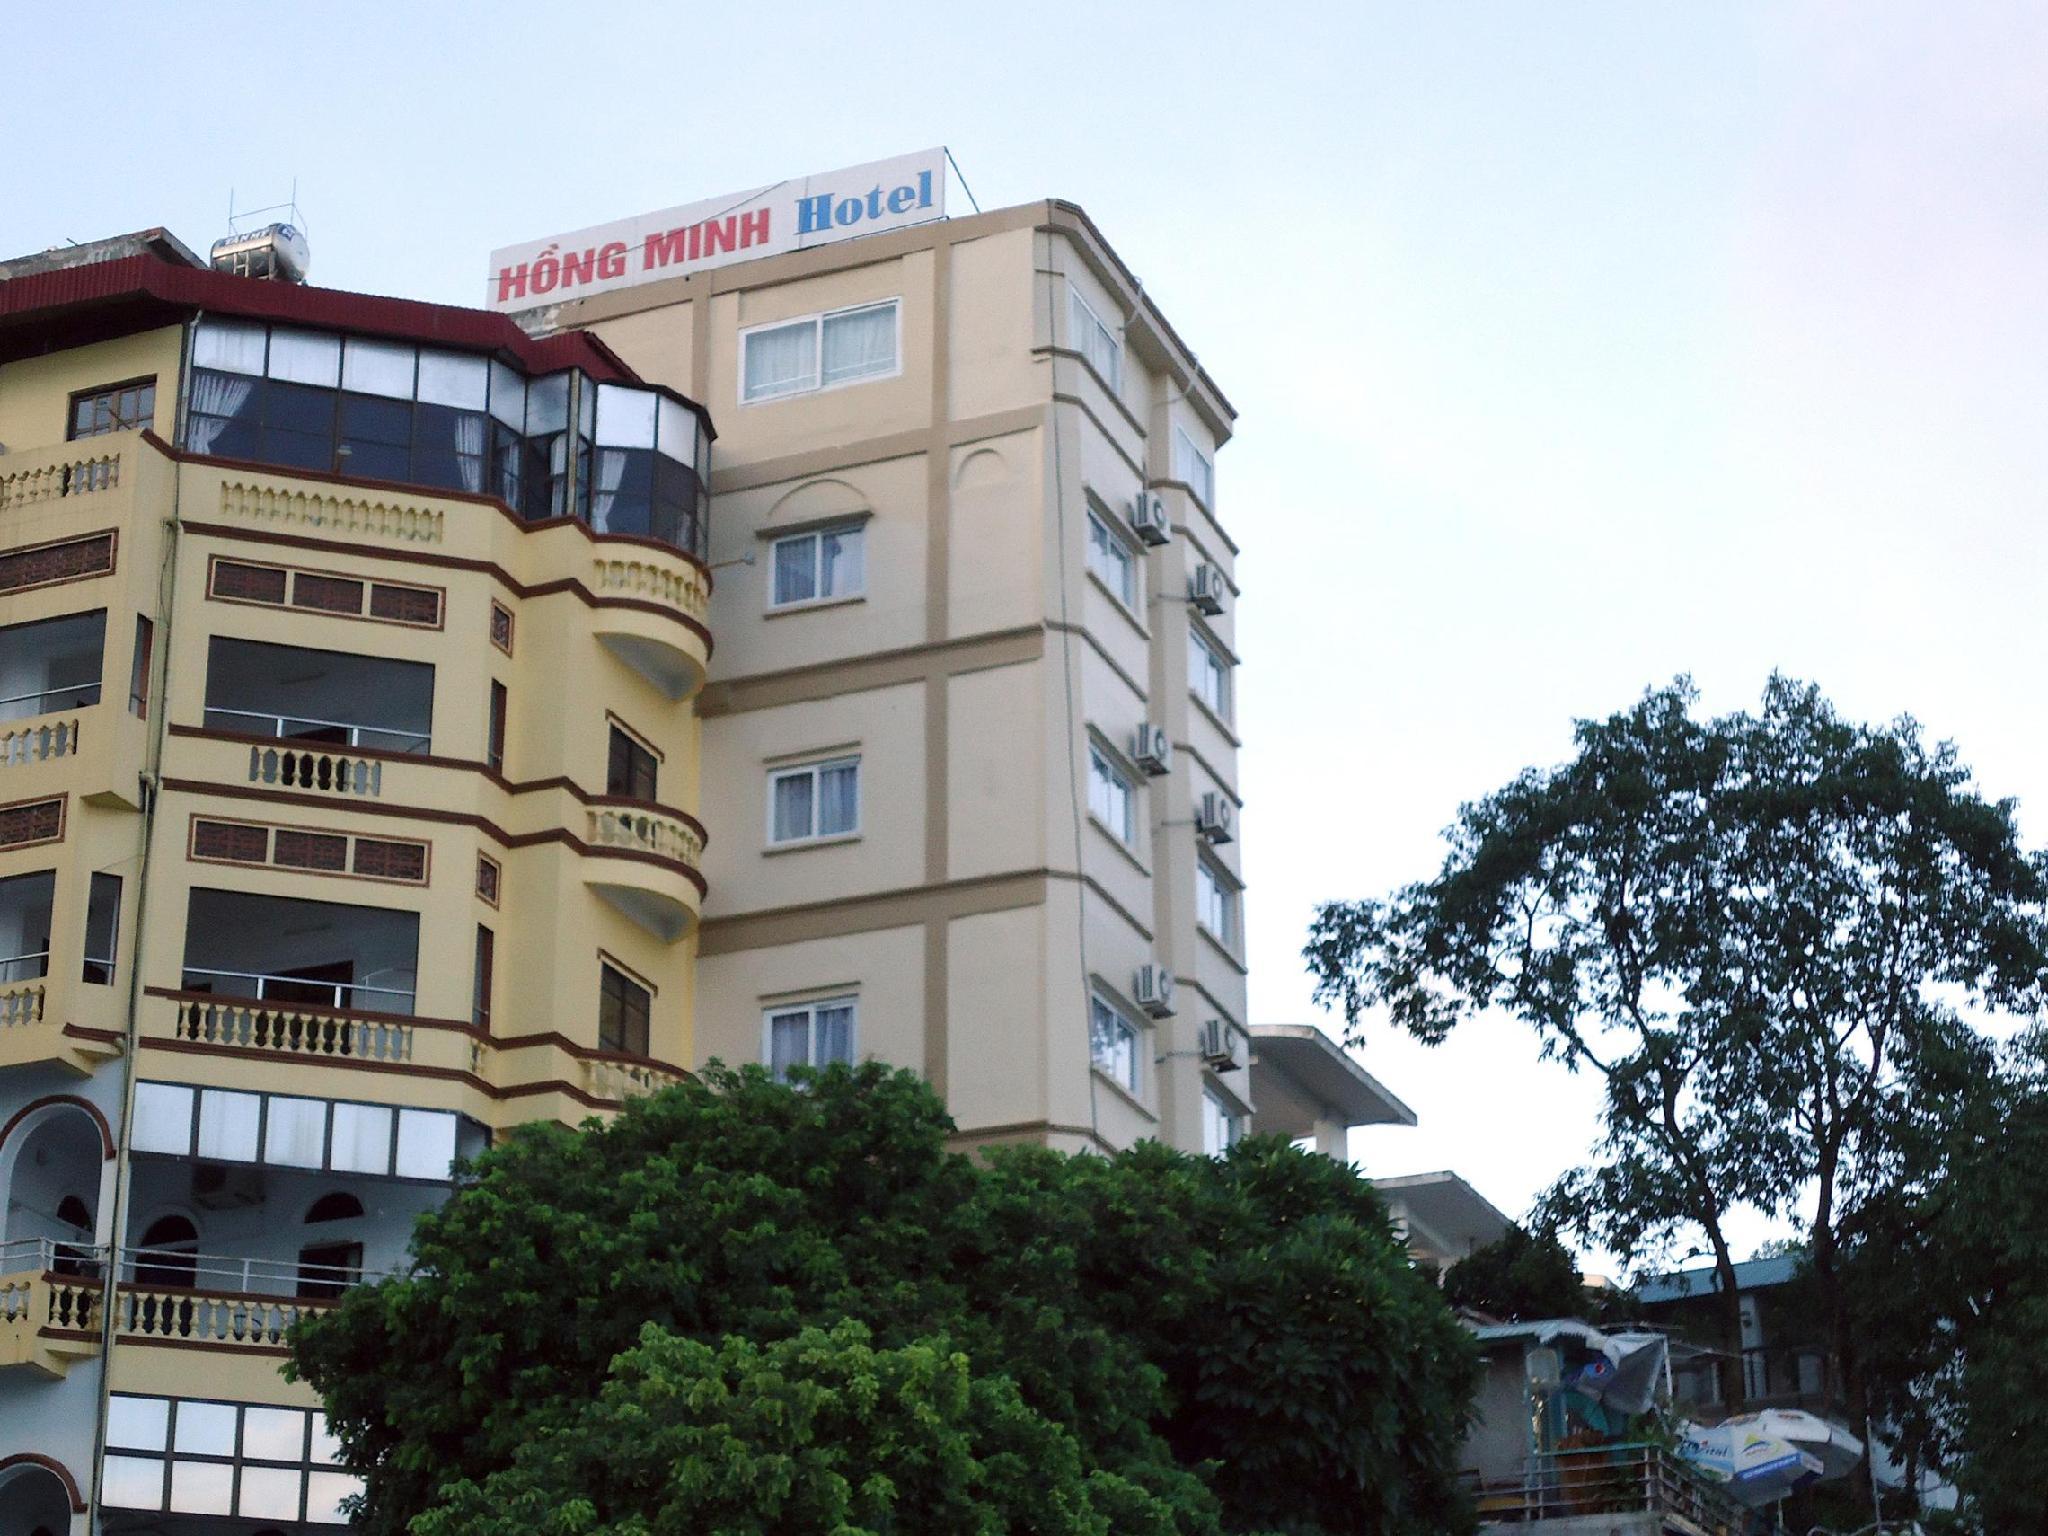 Hong Minh Ha Long Hotel - Hotell och Boende i Vietnam , Halong